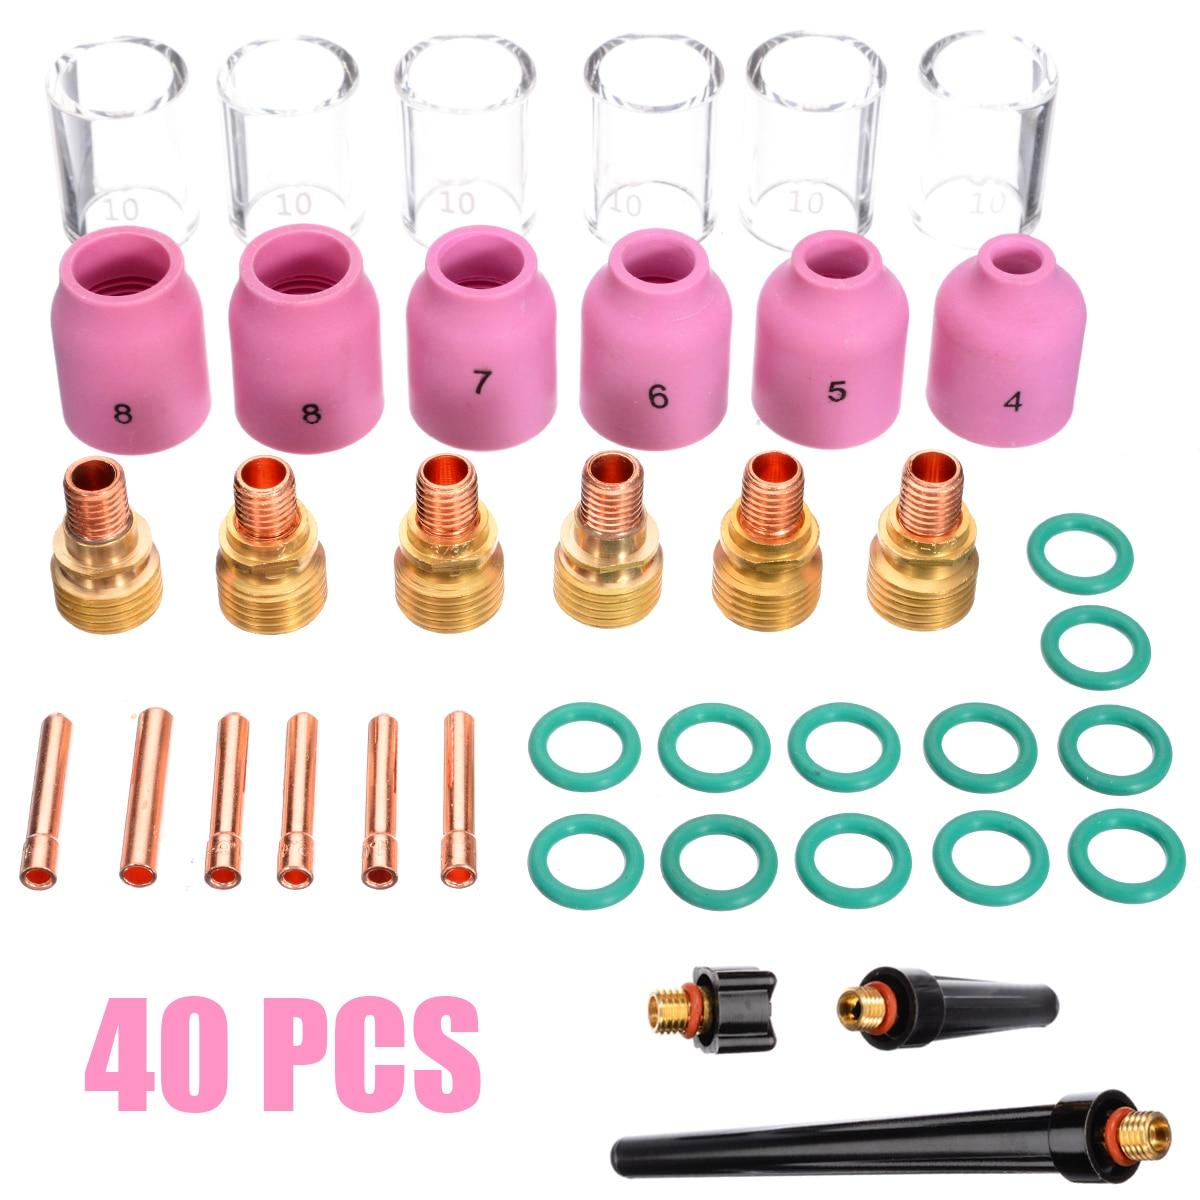 4Pcs Wig-schweißbrenner Collet Gas Objektiv Pyrex Glas Tasse Kit Für WP-9/20/25 Praktische Schweißen zubehör